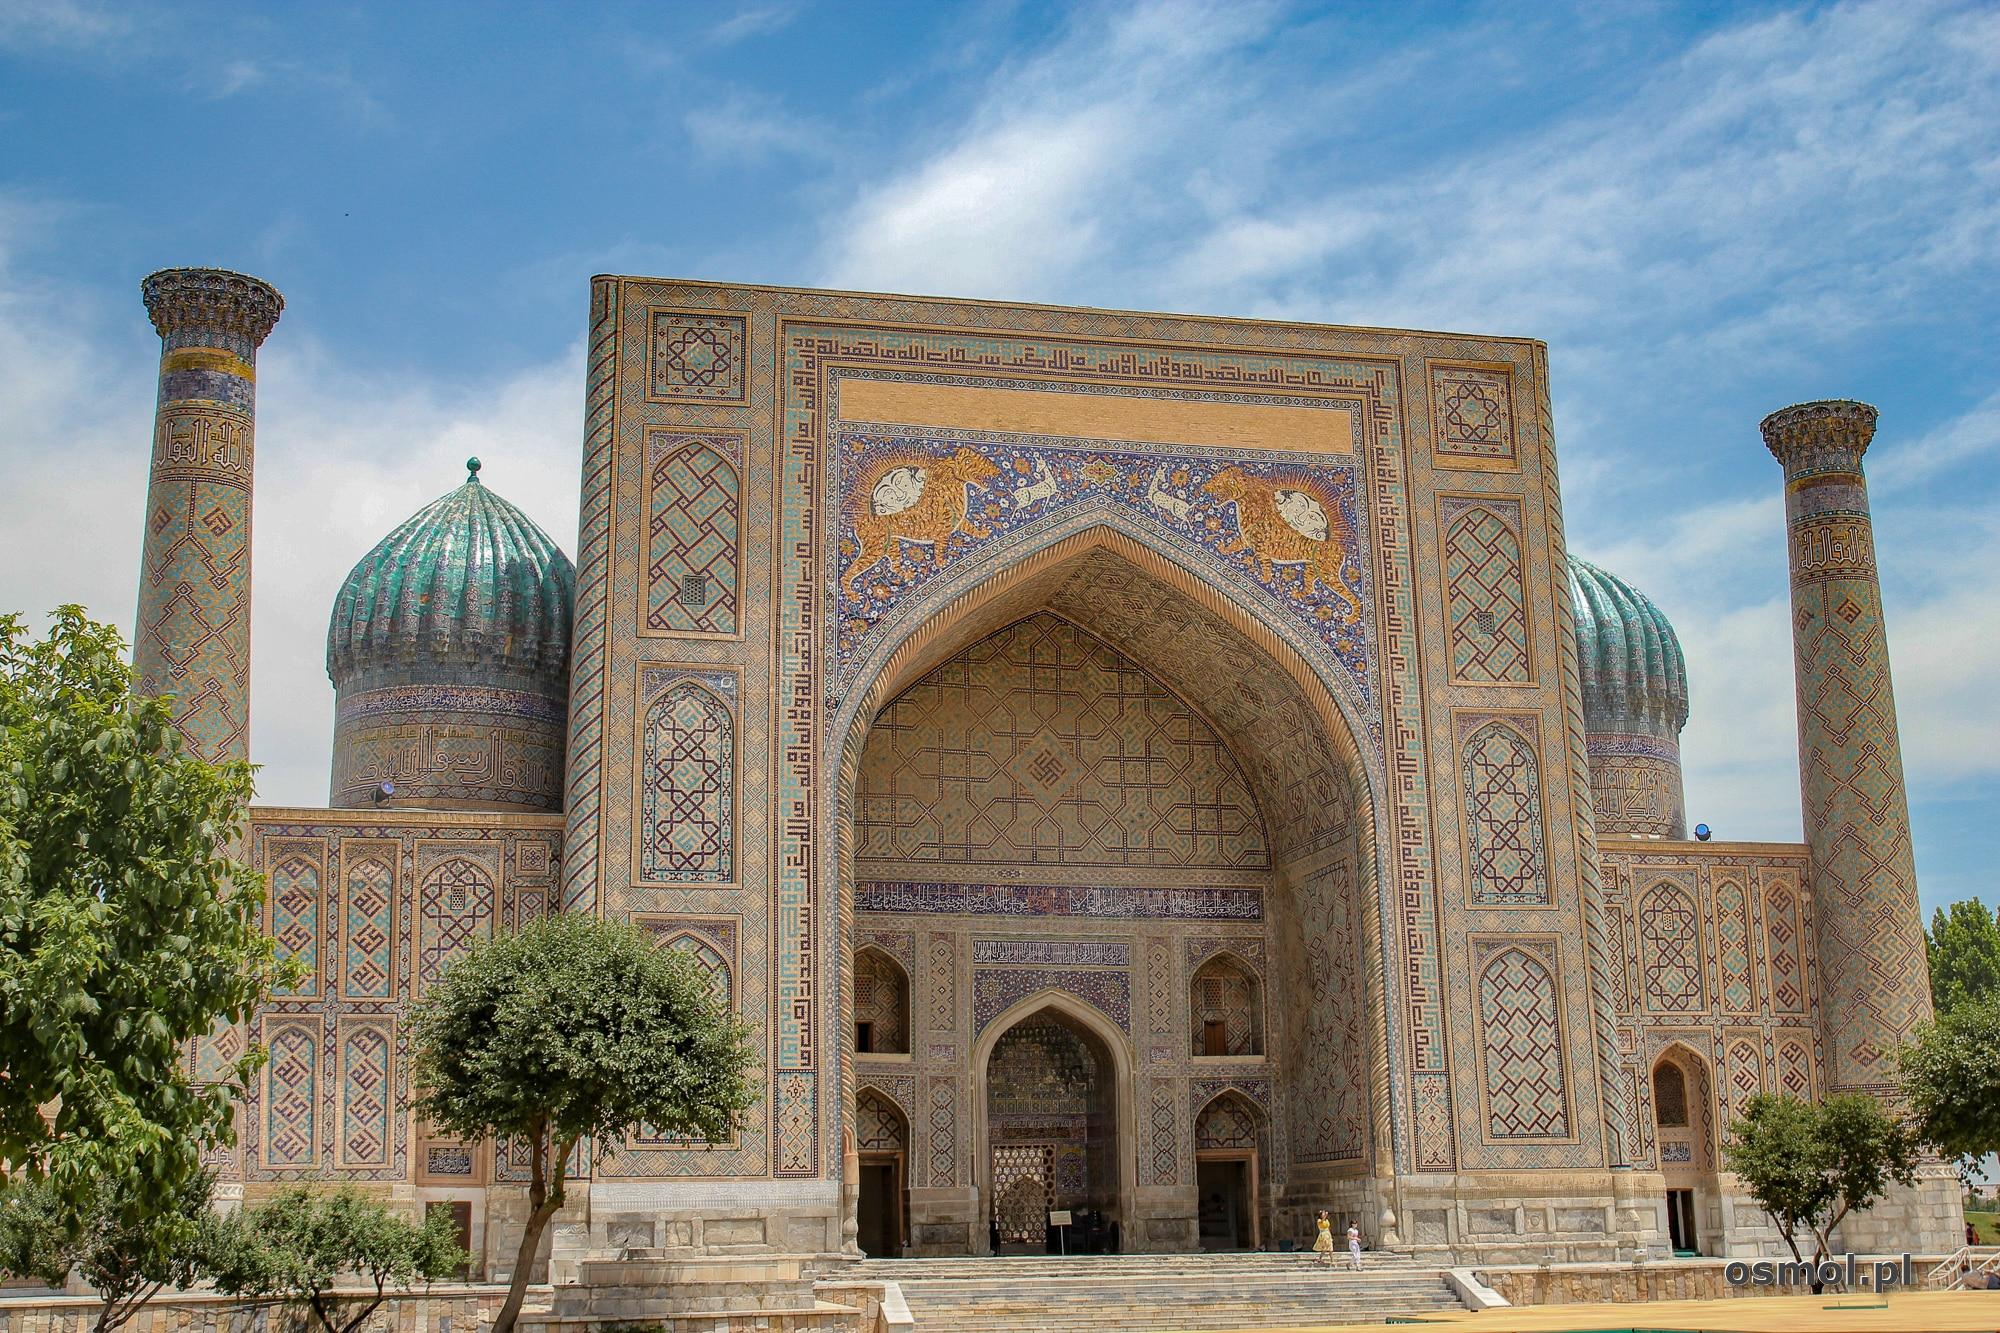 Medresa Szir Dar w kompleksie Registanu. To unikatowa budowla ze zdobieniami dwóch lwów na froncie.